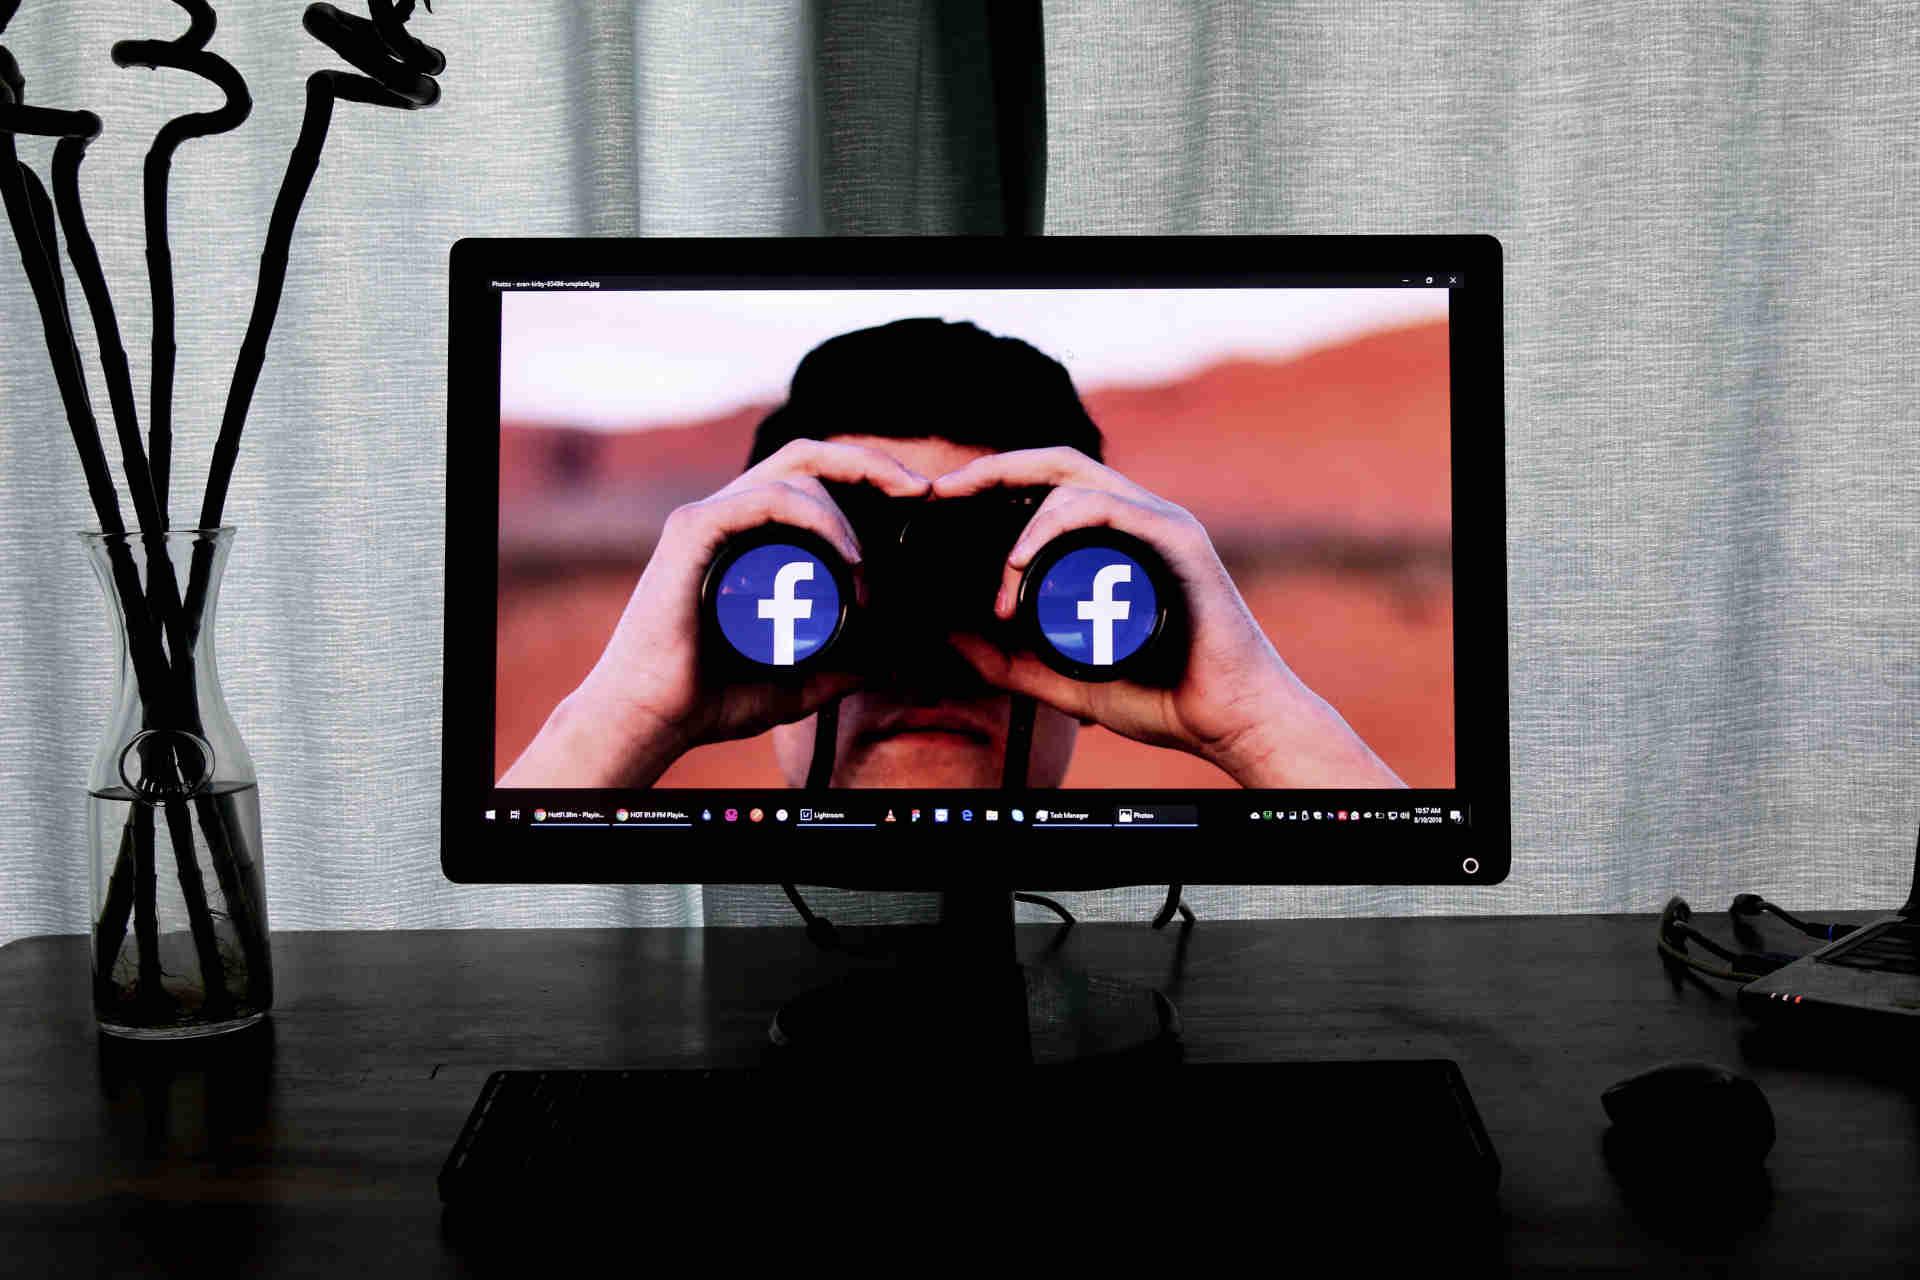 FacebookのLibra(リブラ)